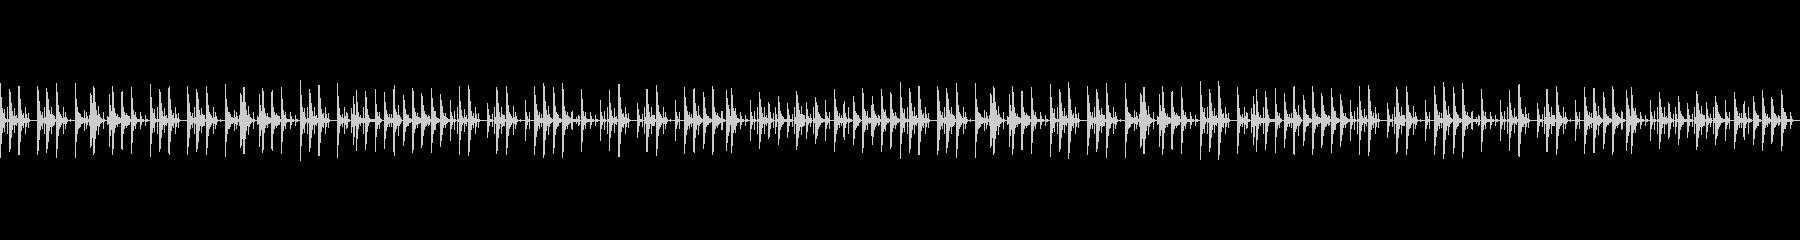 まぬけな木琴と民族リズム(Loop対応)の未再生の波形